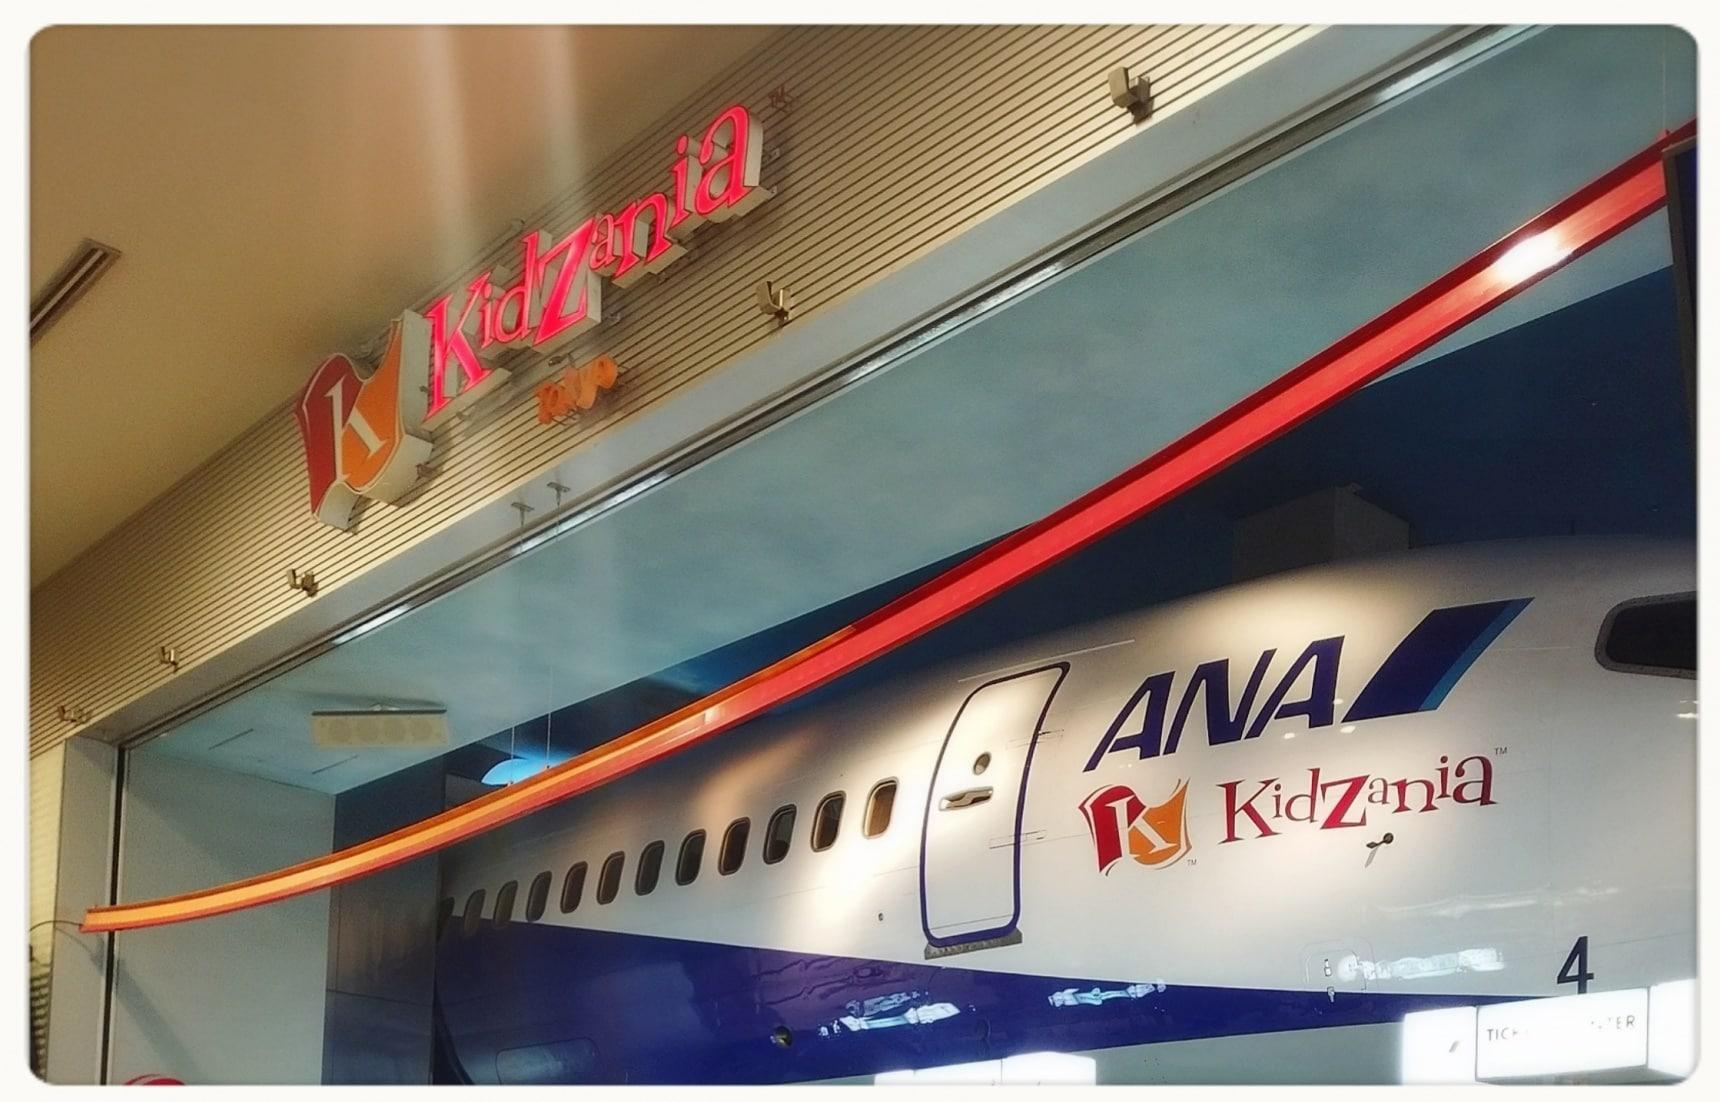 【東京親子旅】吃喝玩樂通通包!透過體驗讓孩子快樂學習的「KidZania」